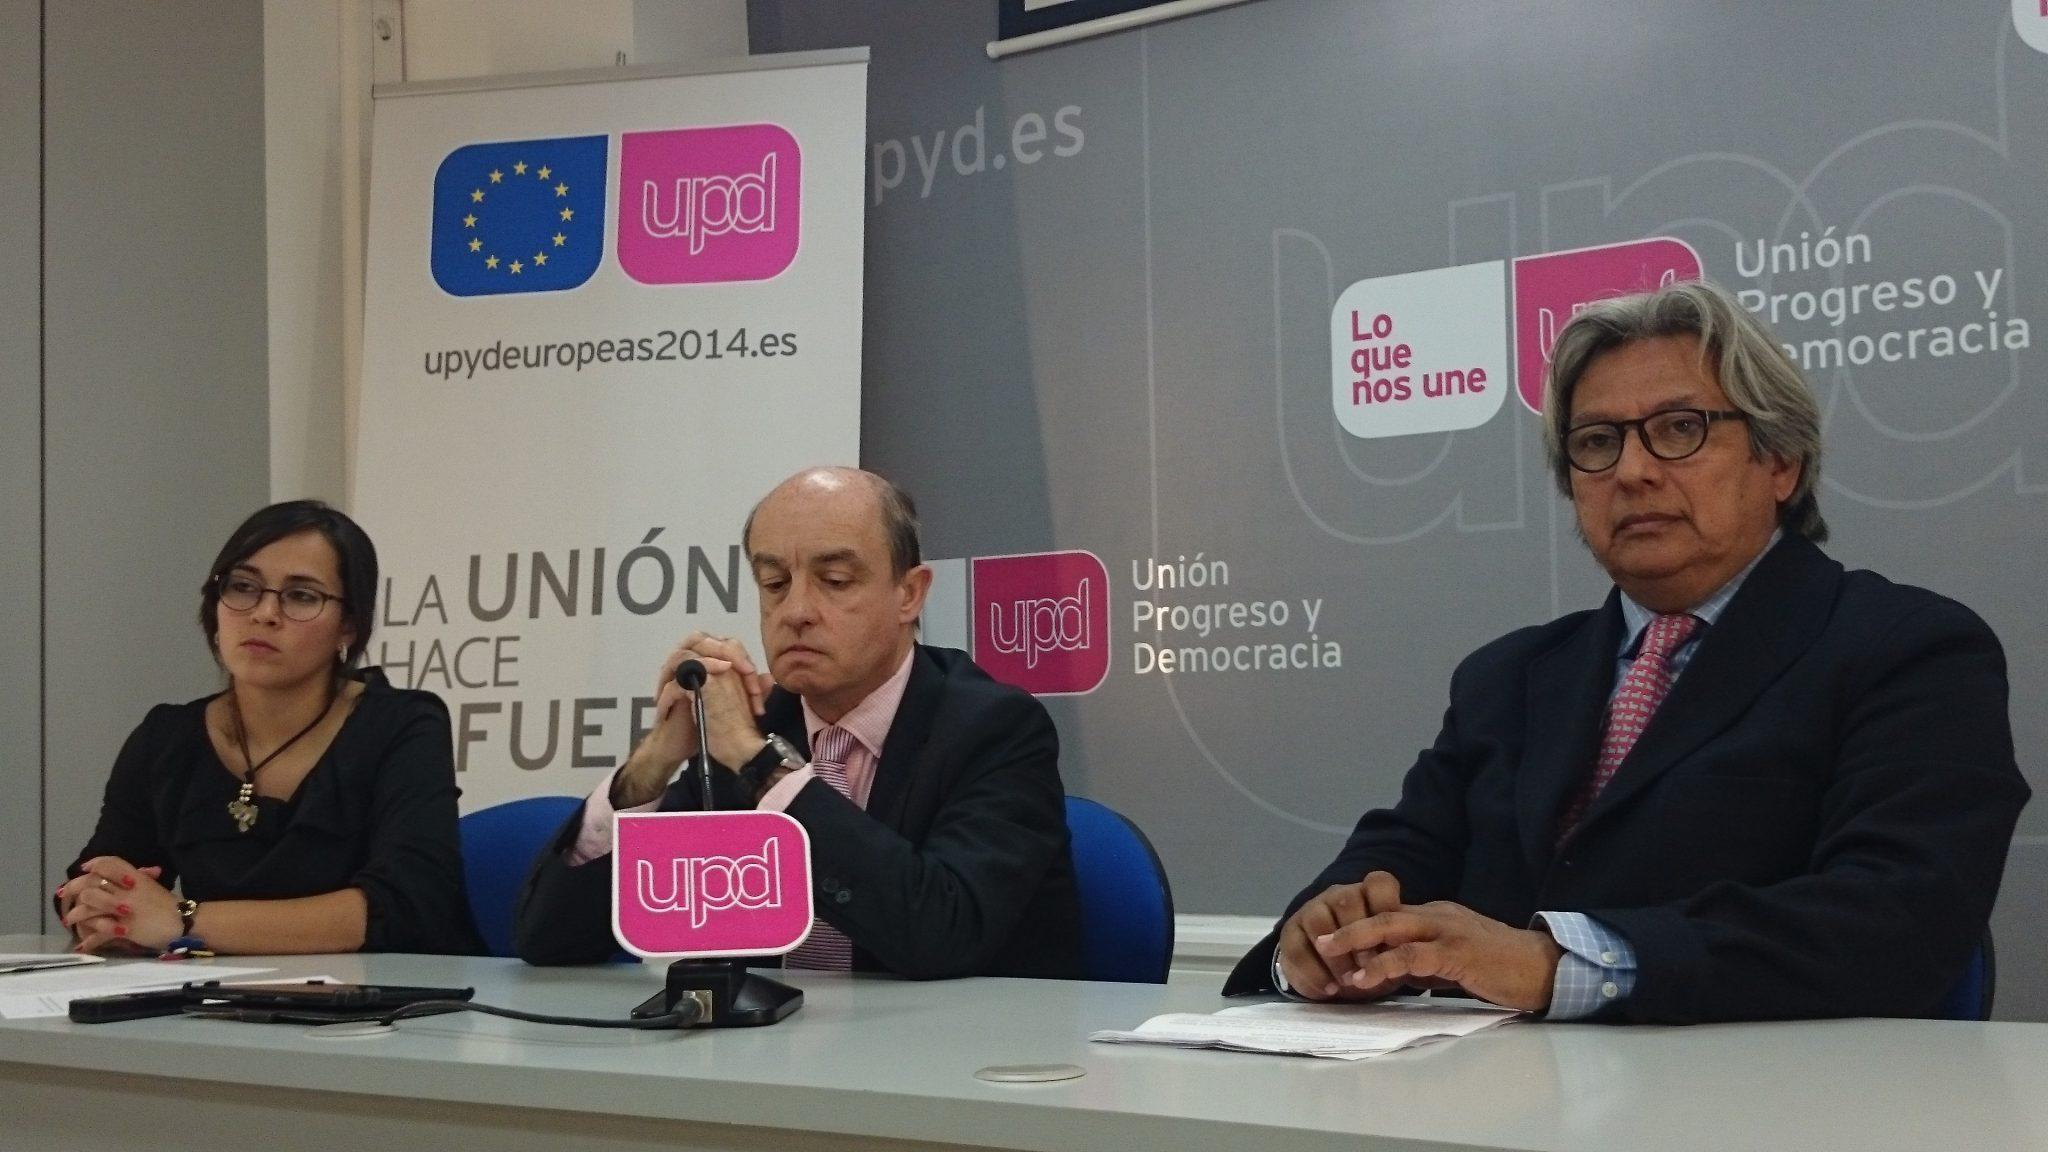 Los protagonistas del acto en la sede de UPyD en Madrid.